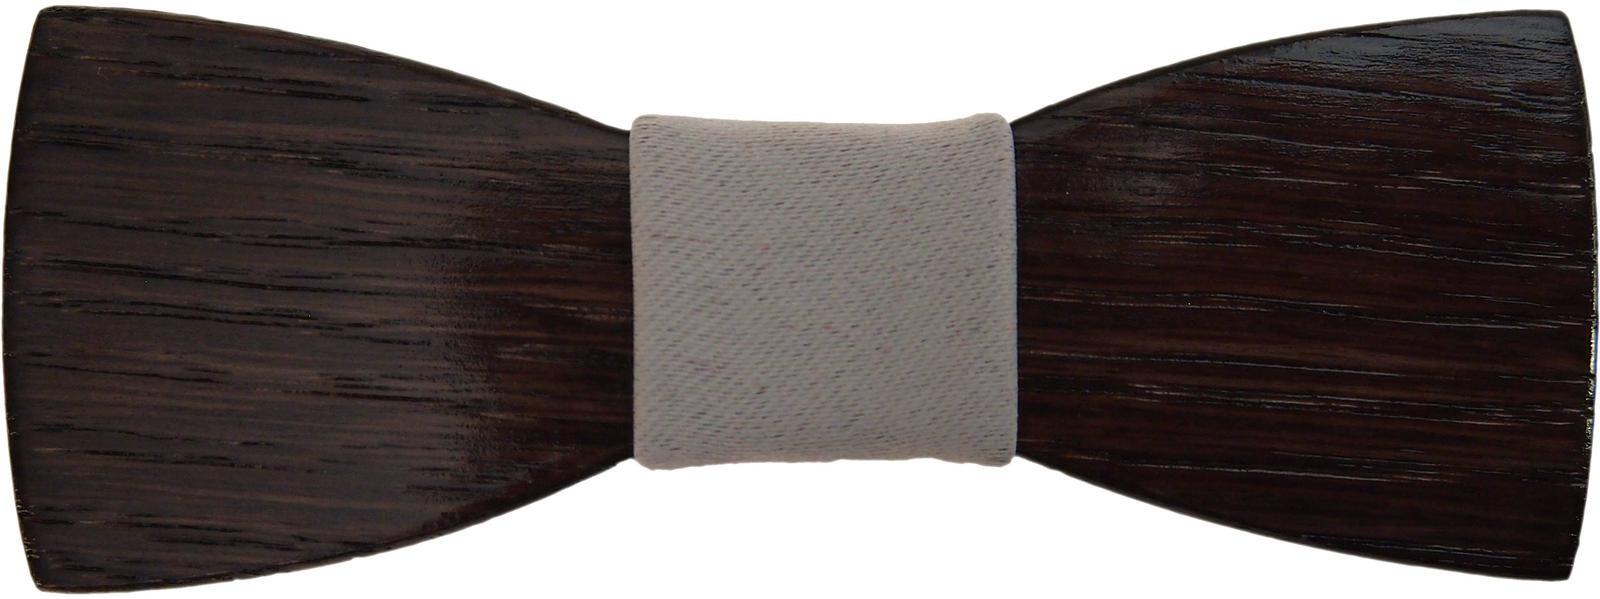 Pánske, detské drevené motýliky - Obrázok č. 4